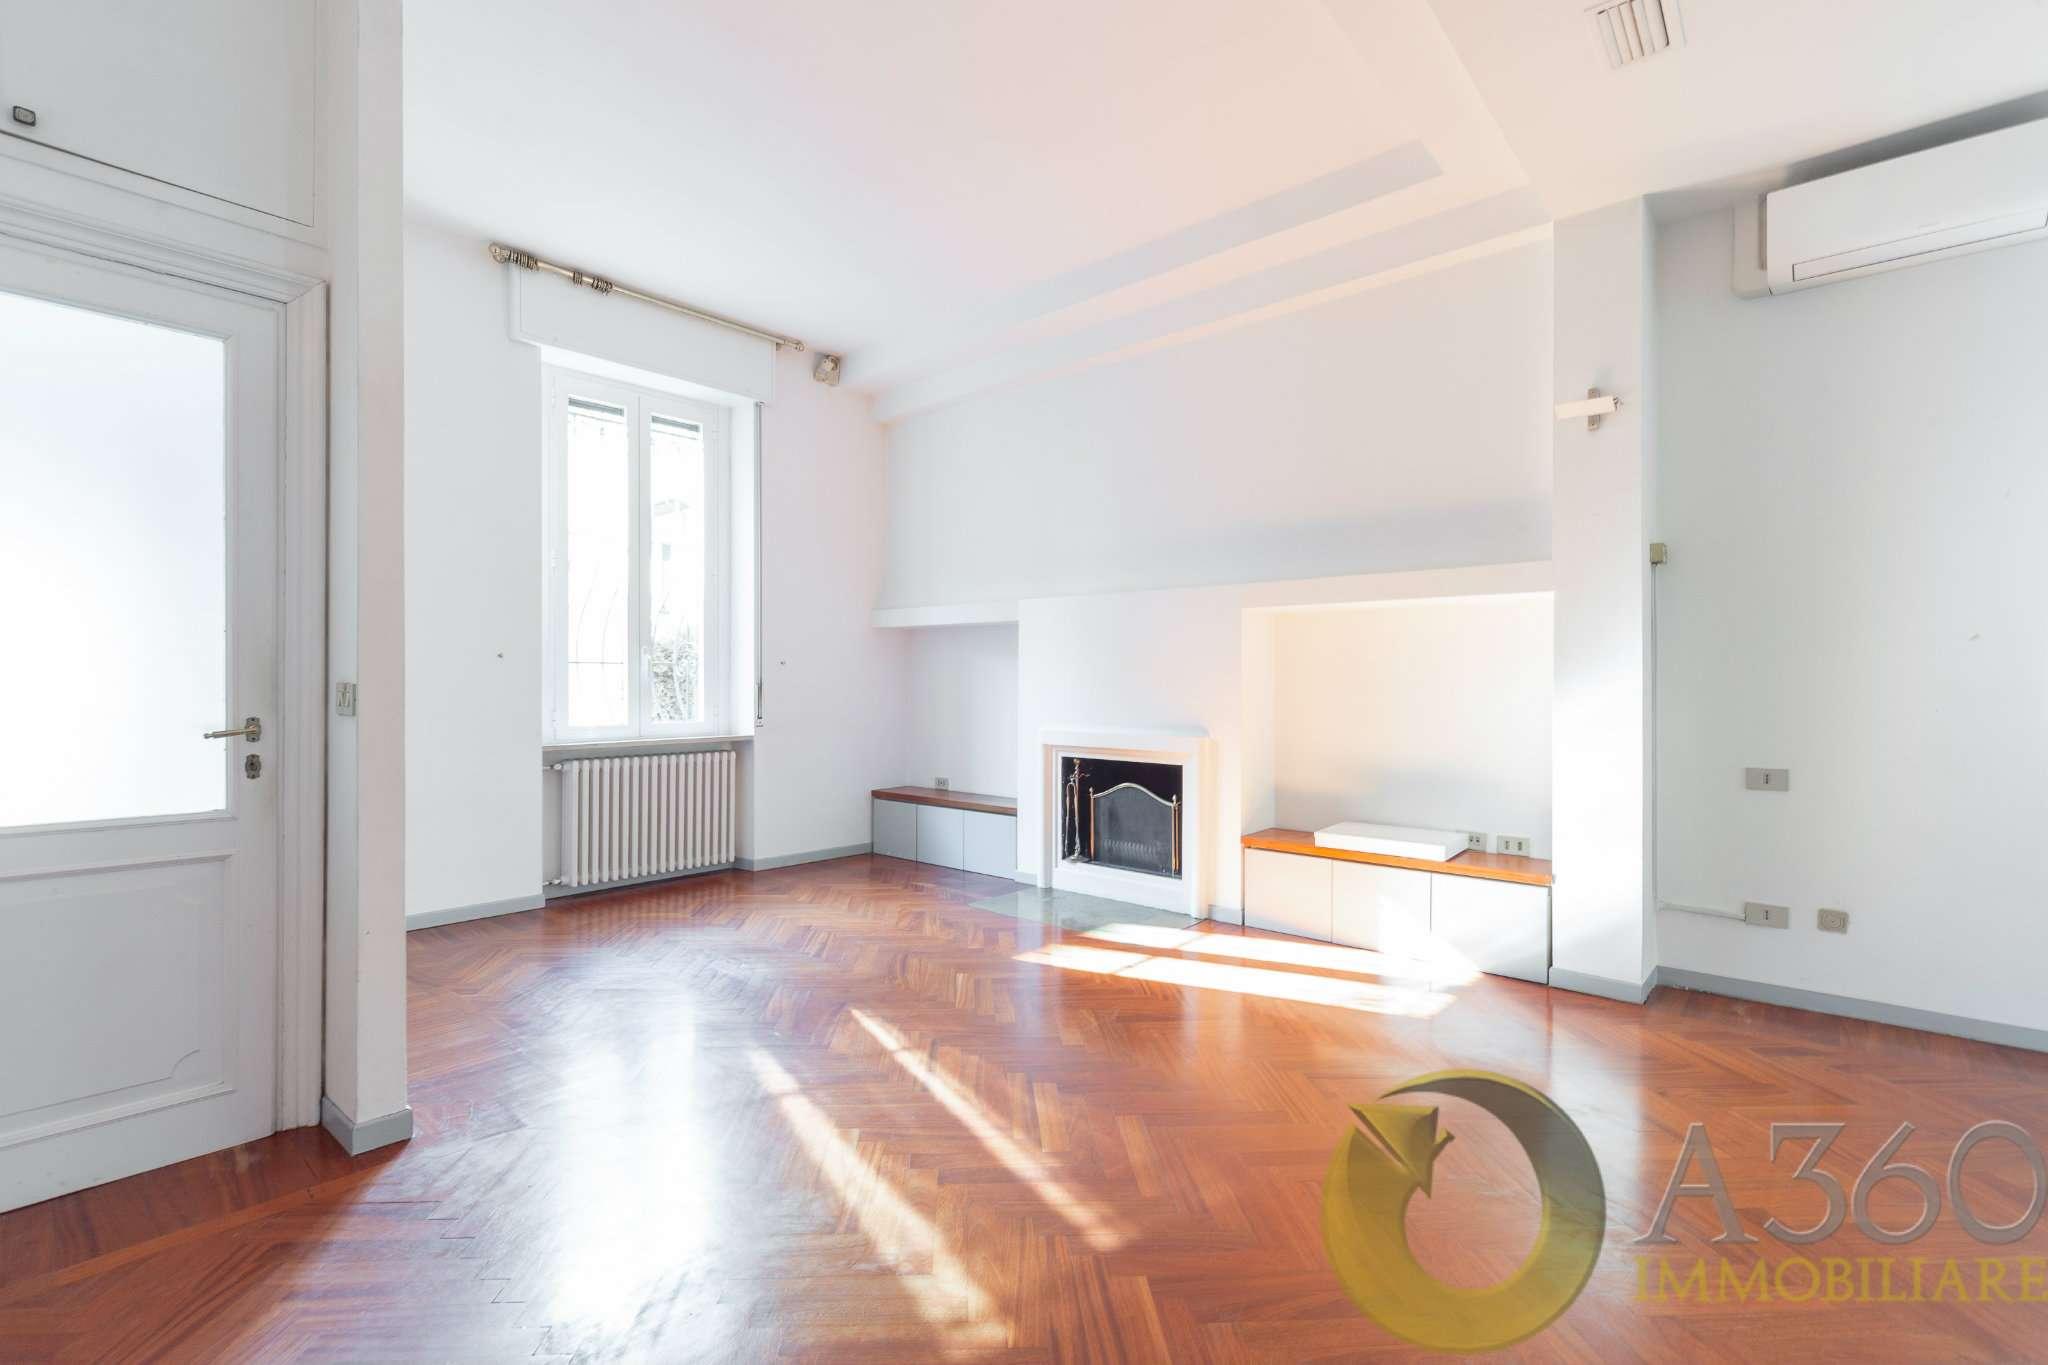 Villa in Affitto a Milano 17 Marghera / Wagner / Fiera: 5 locali, 200 mq